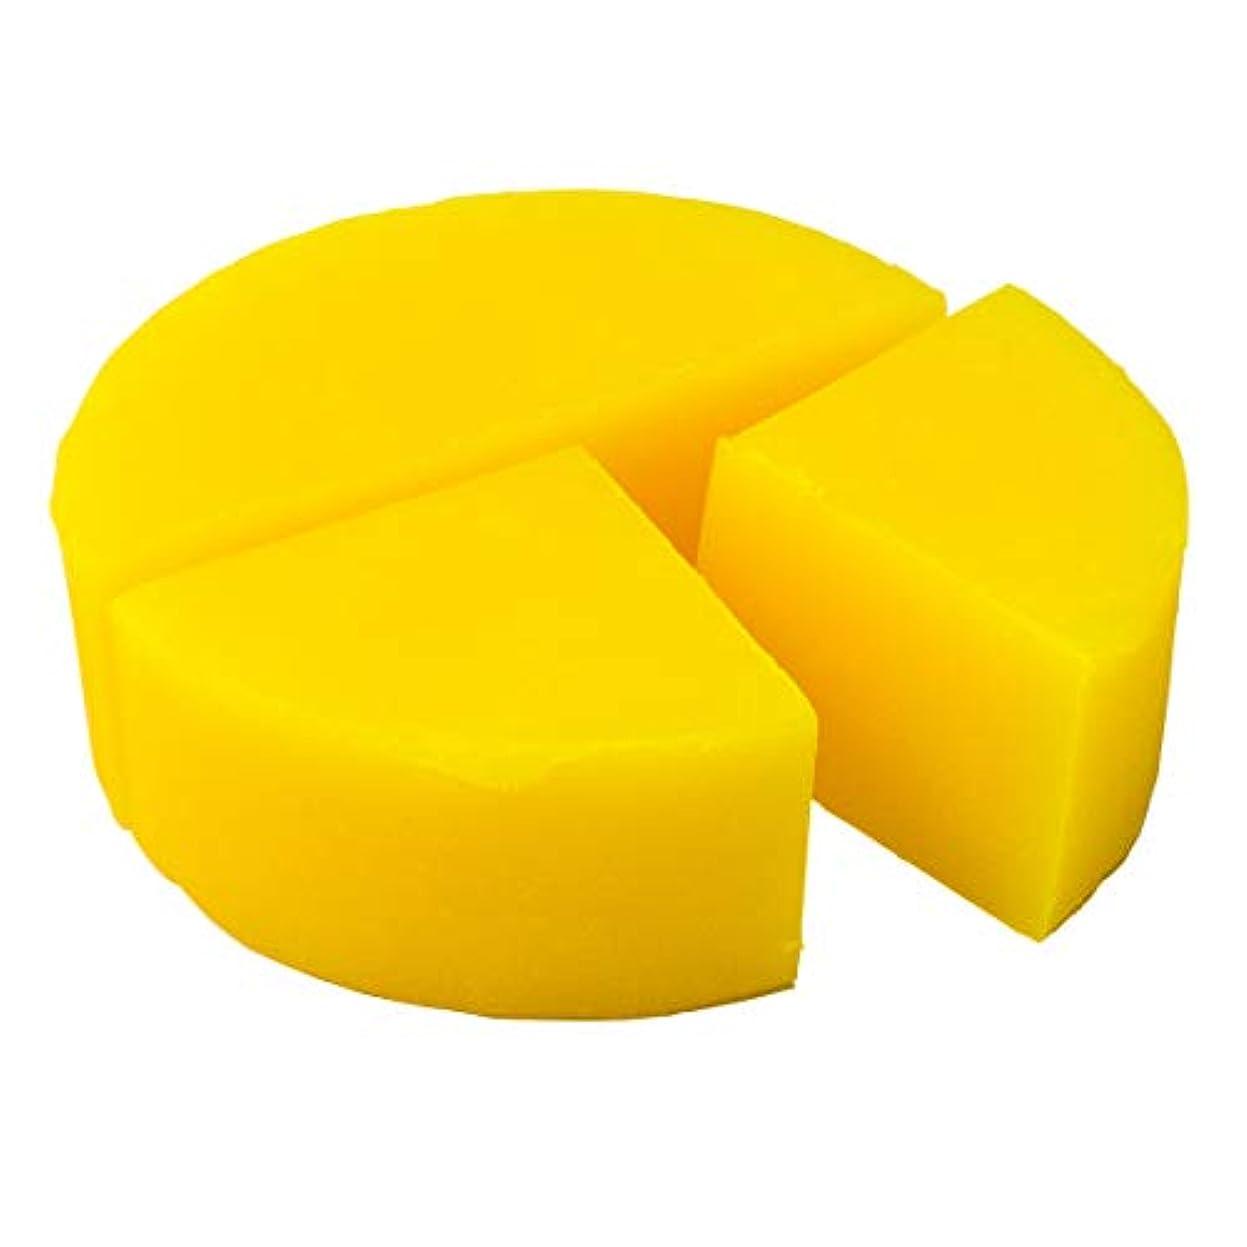 確立罪悪感荒野グリセリン クリアソープ 色チップ 黄 100g (MPソープ)